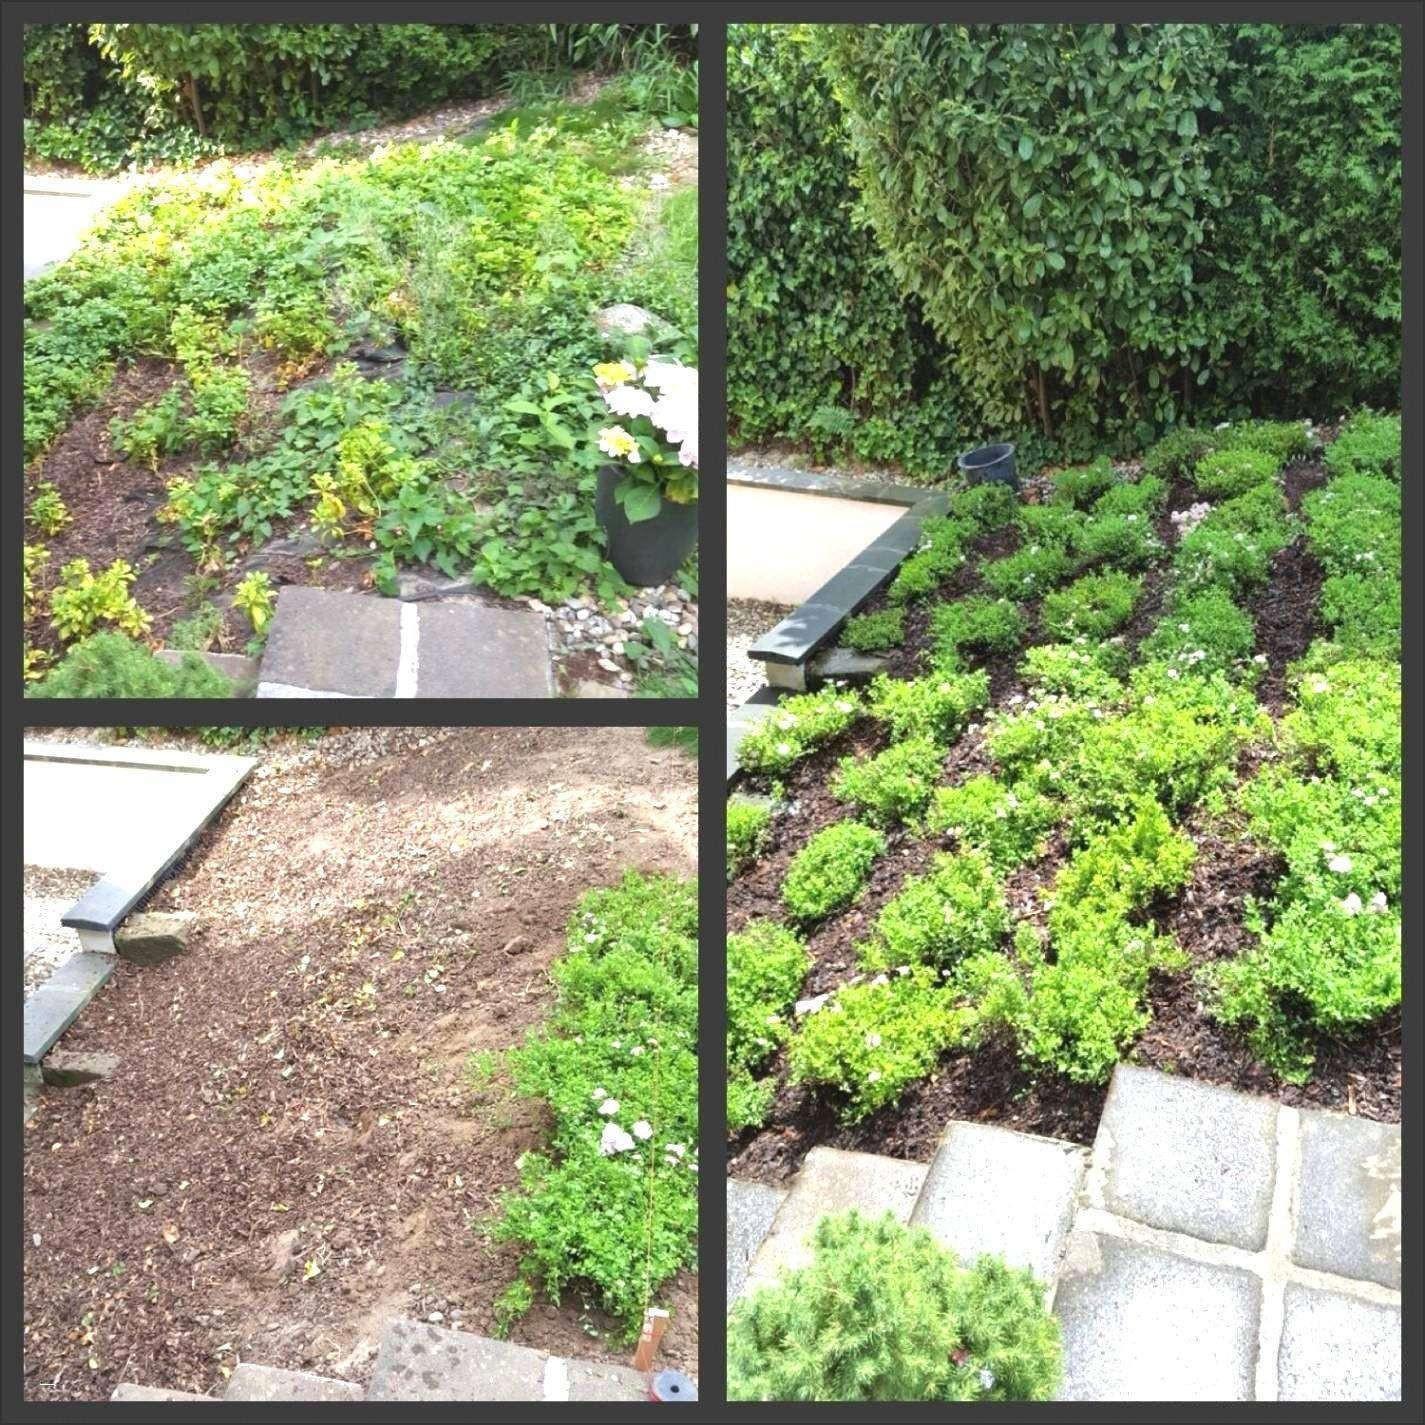 Garten Bepflanzung Inspirierend 62 Genial Blumen Ideen Garten